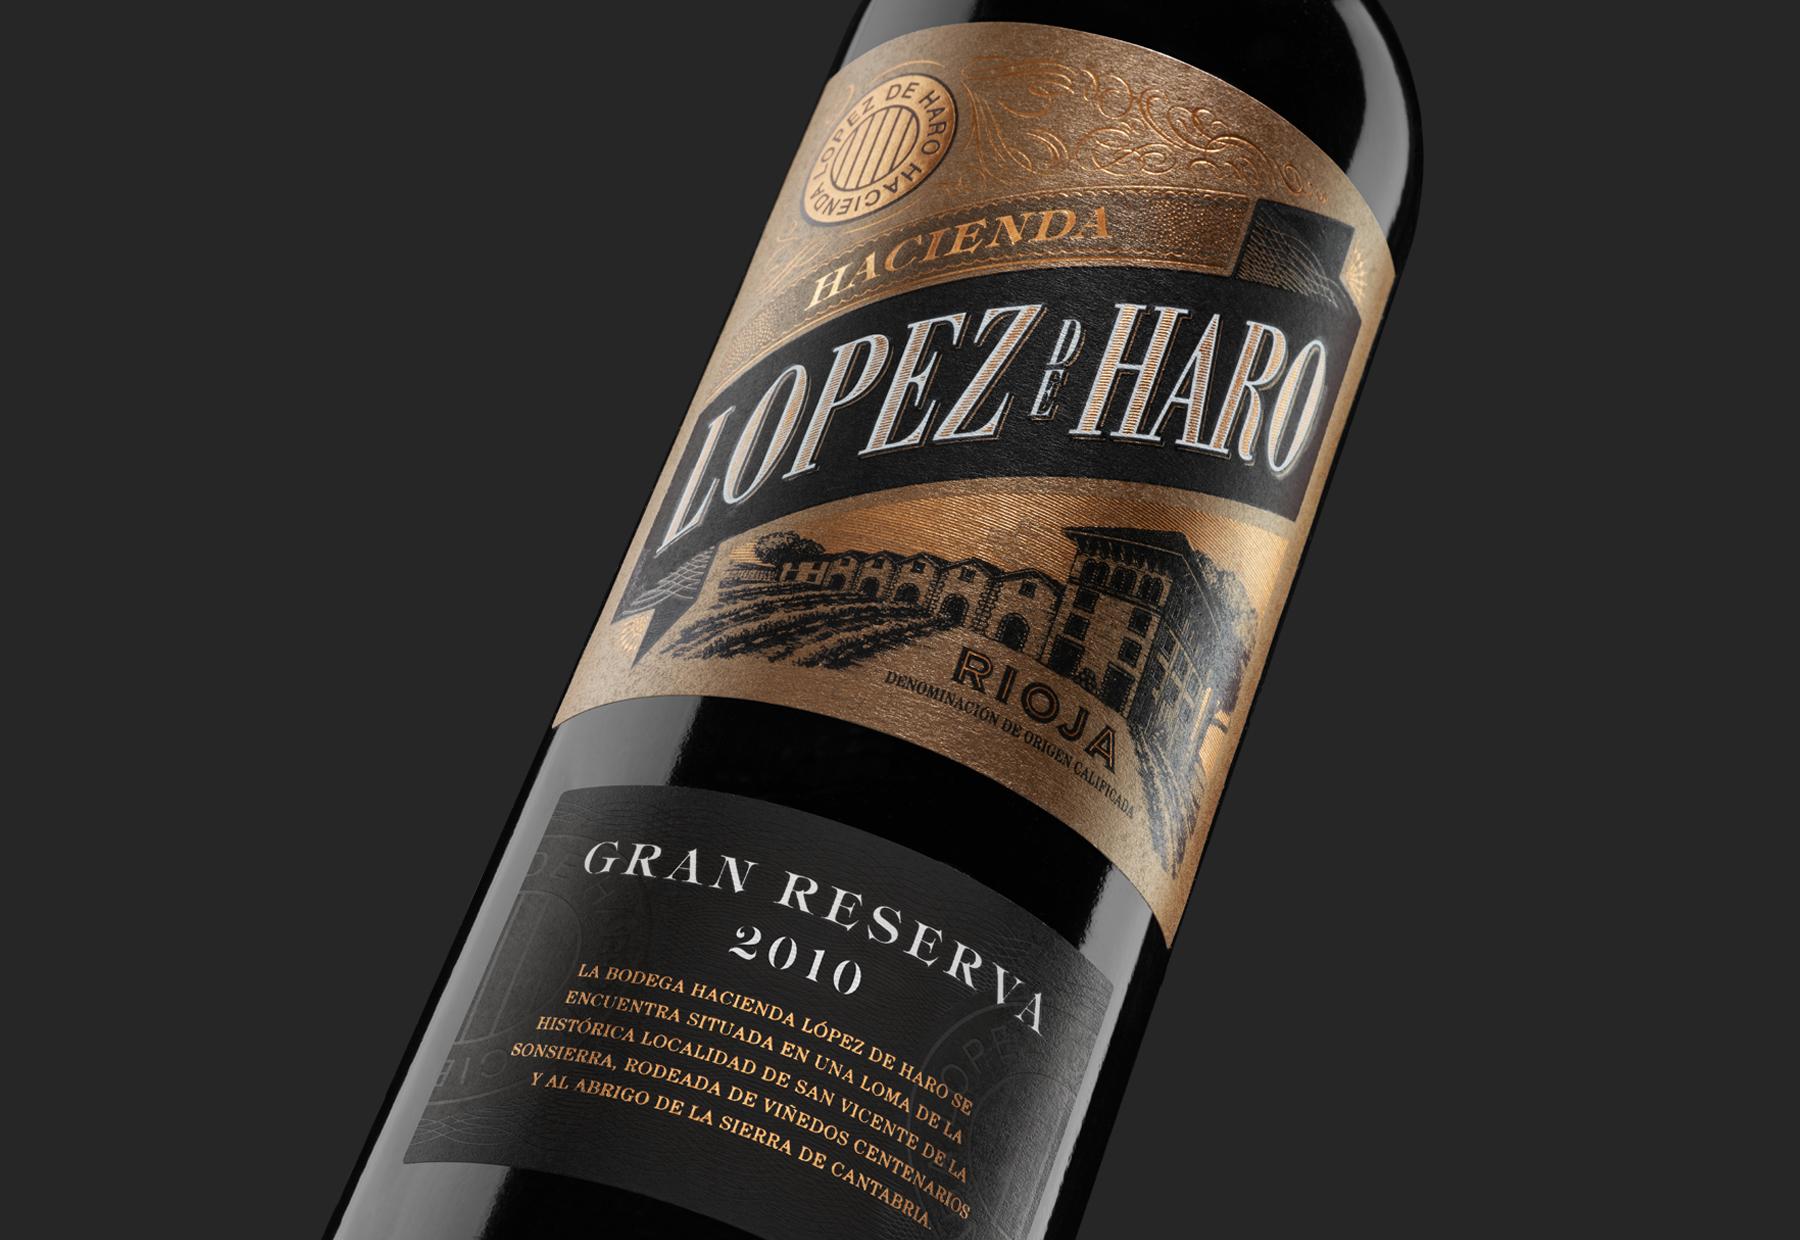 """""""Hacienda Lopez de Haro"""" the Most Contemporary Rioja Classic by Moruba"""